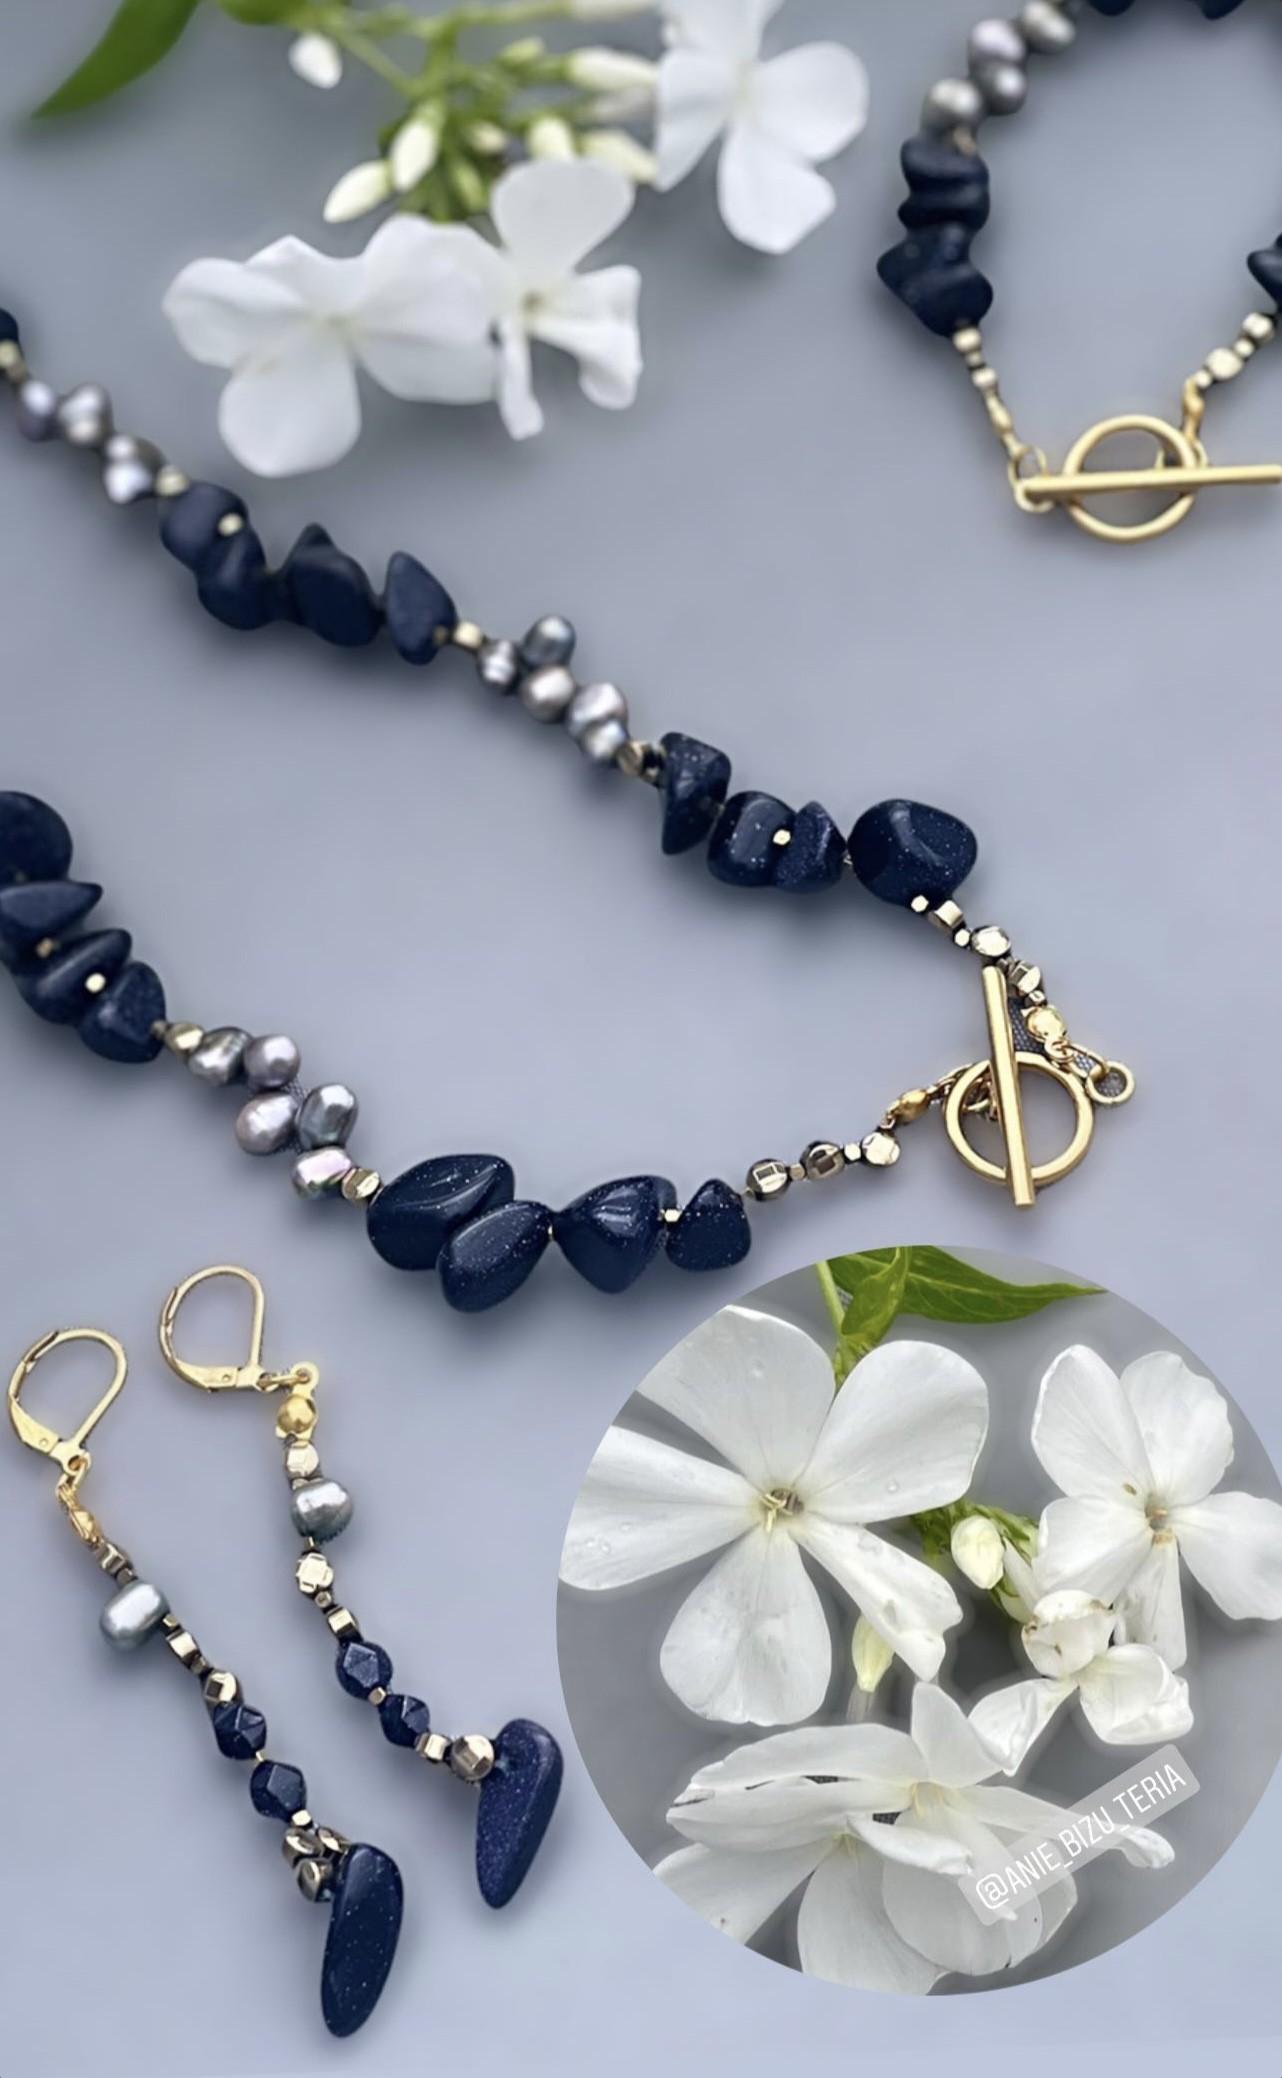 Komplet biżuterii w gwiaździstym pyle Noc Kairu i perły